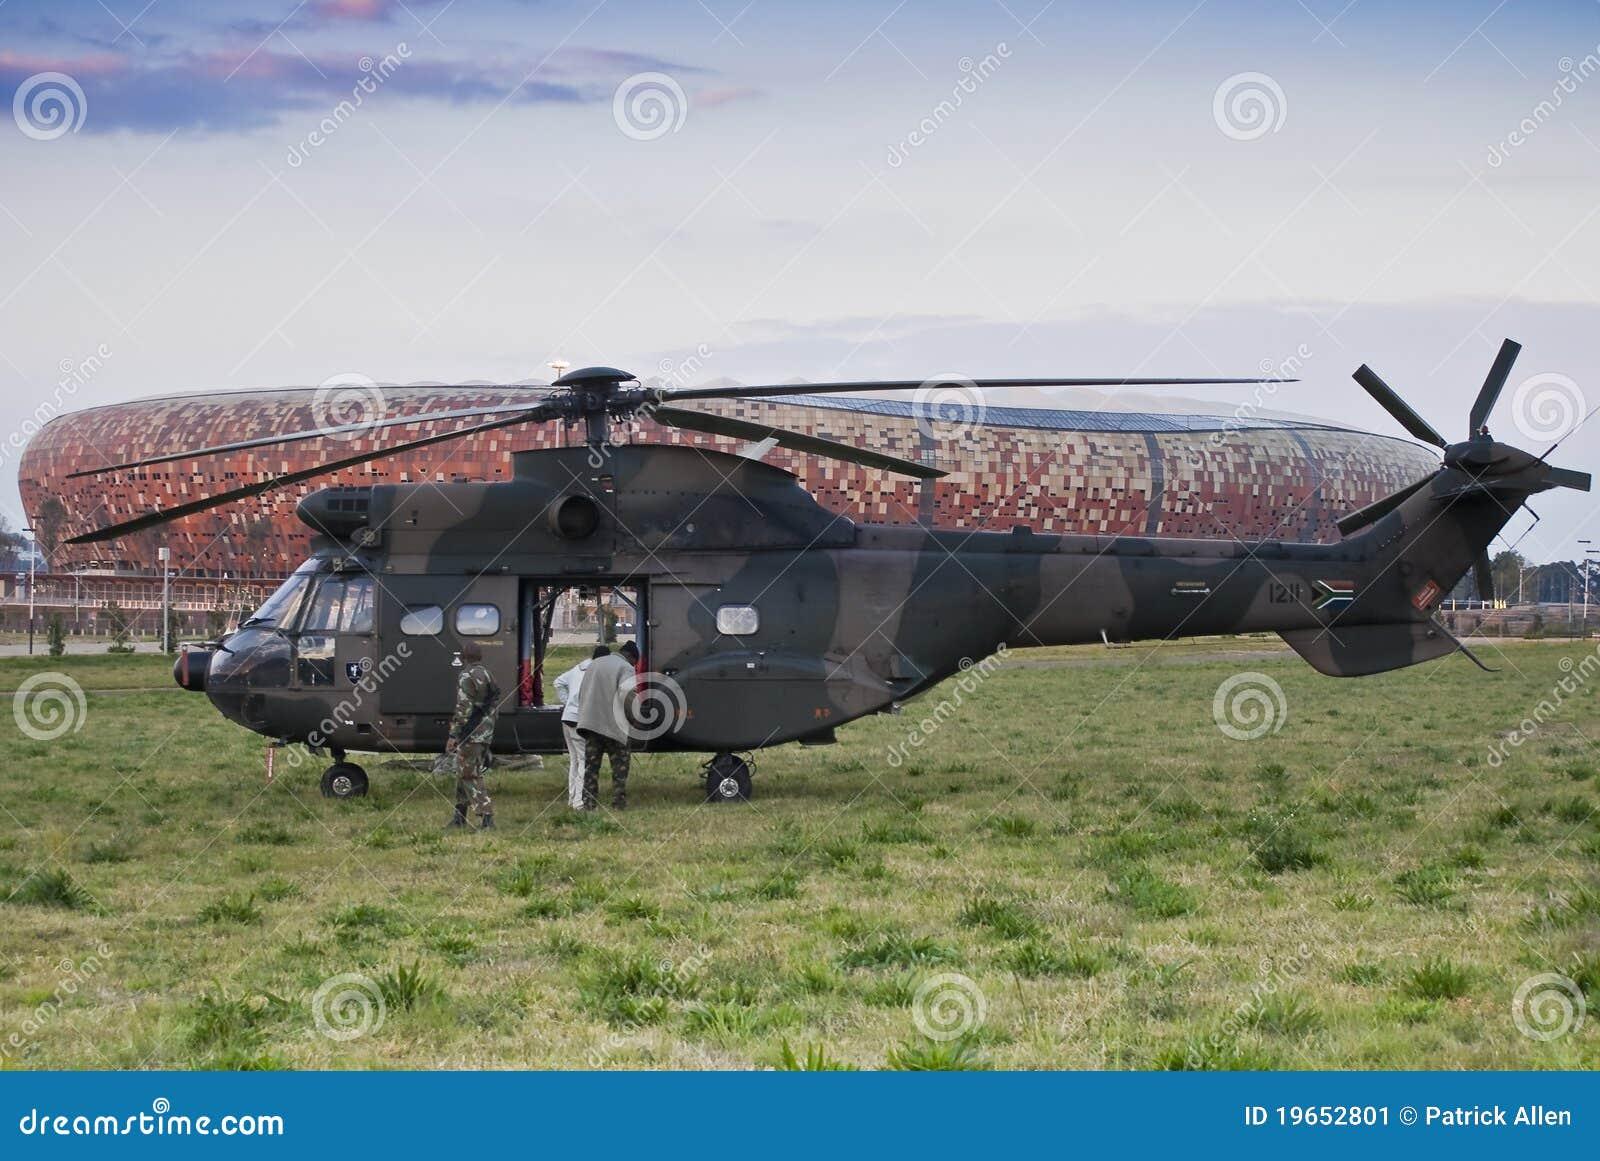 Elicottero Puma : Elicottero del puma aerospatiale sa h fotografia